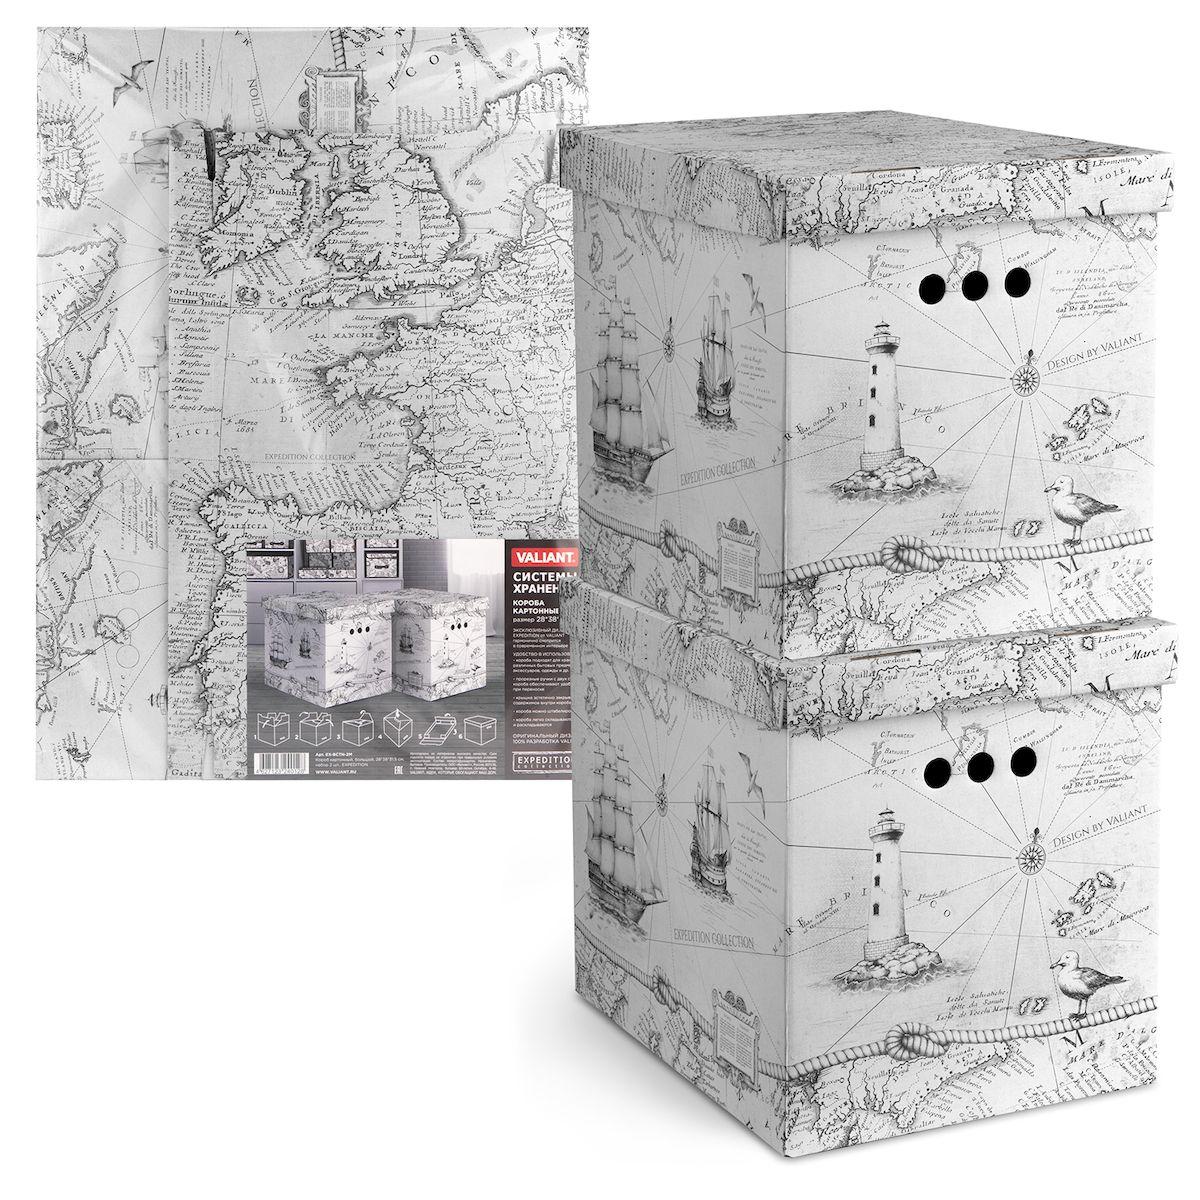 Короб для хранения Valiant Expedition, 28х38х31,5 см, складной, 2 шт